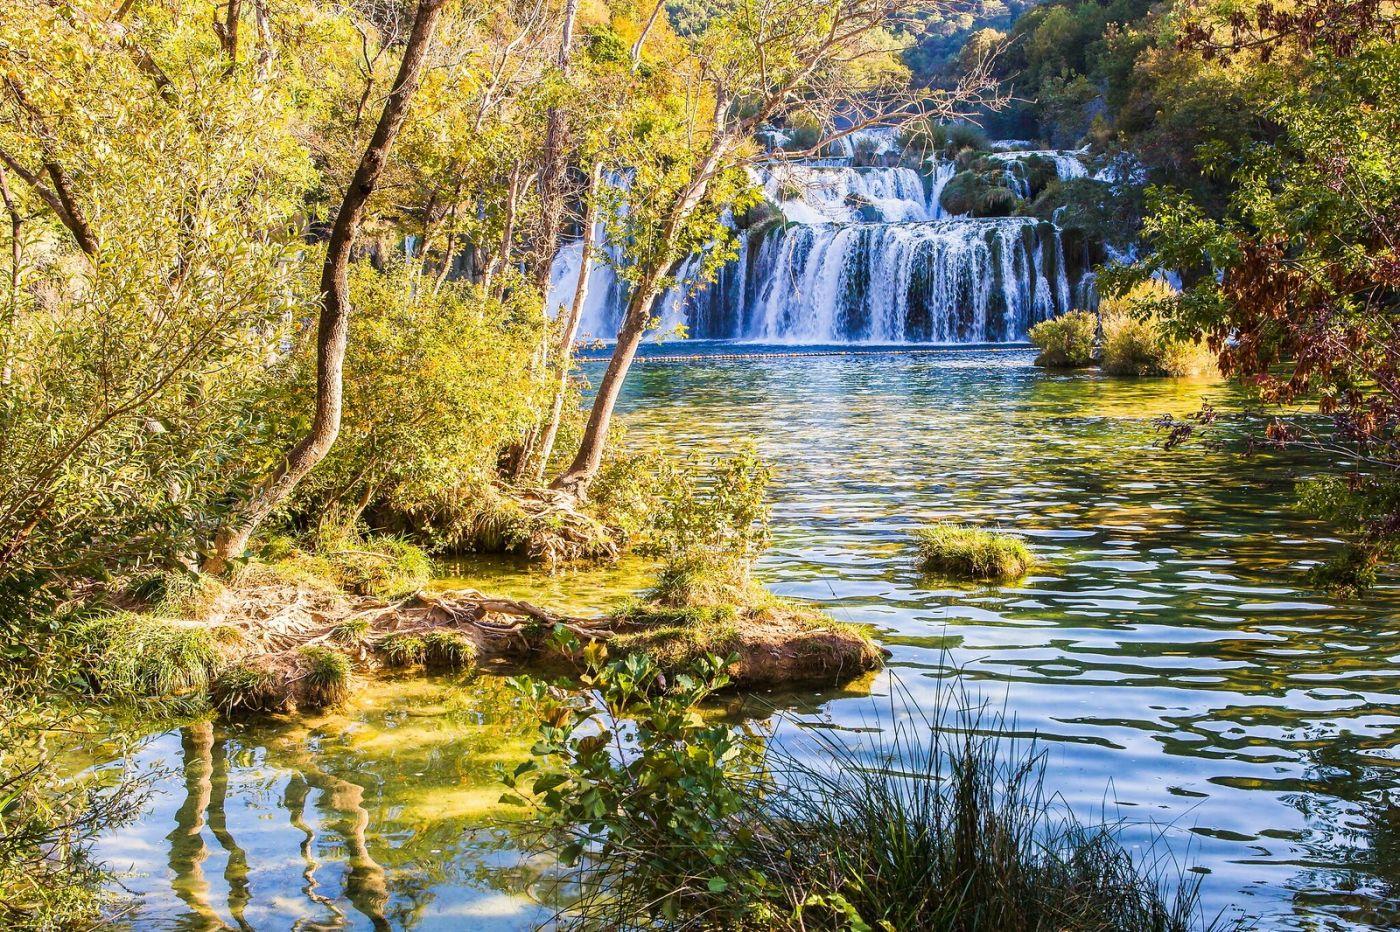 克罗地亚克尔卡国家公园(Krka National Park),瀑布瀑布瀑布_图1-11